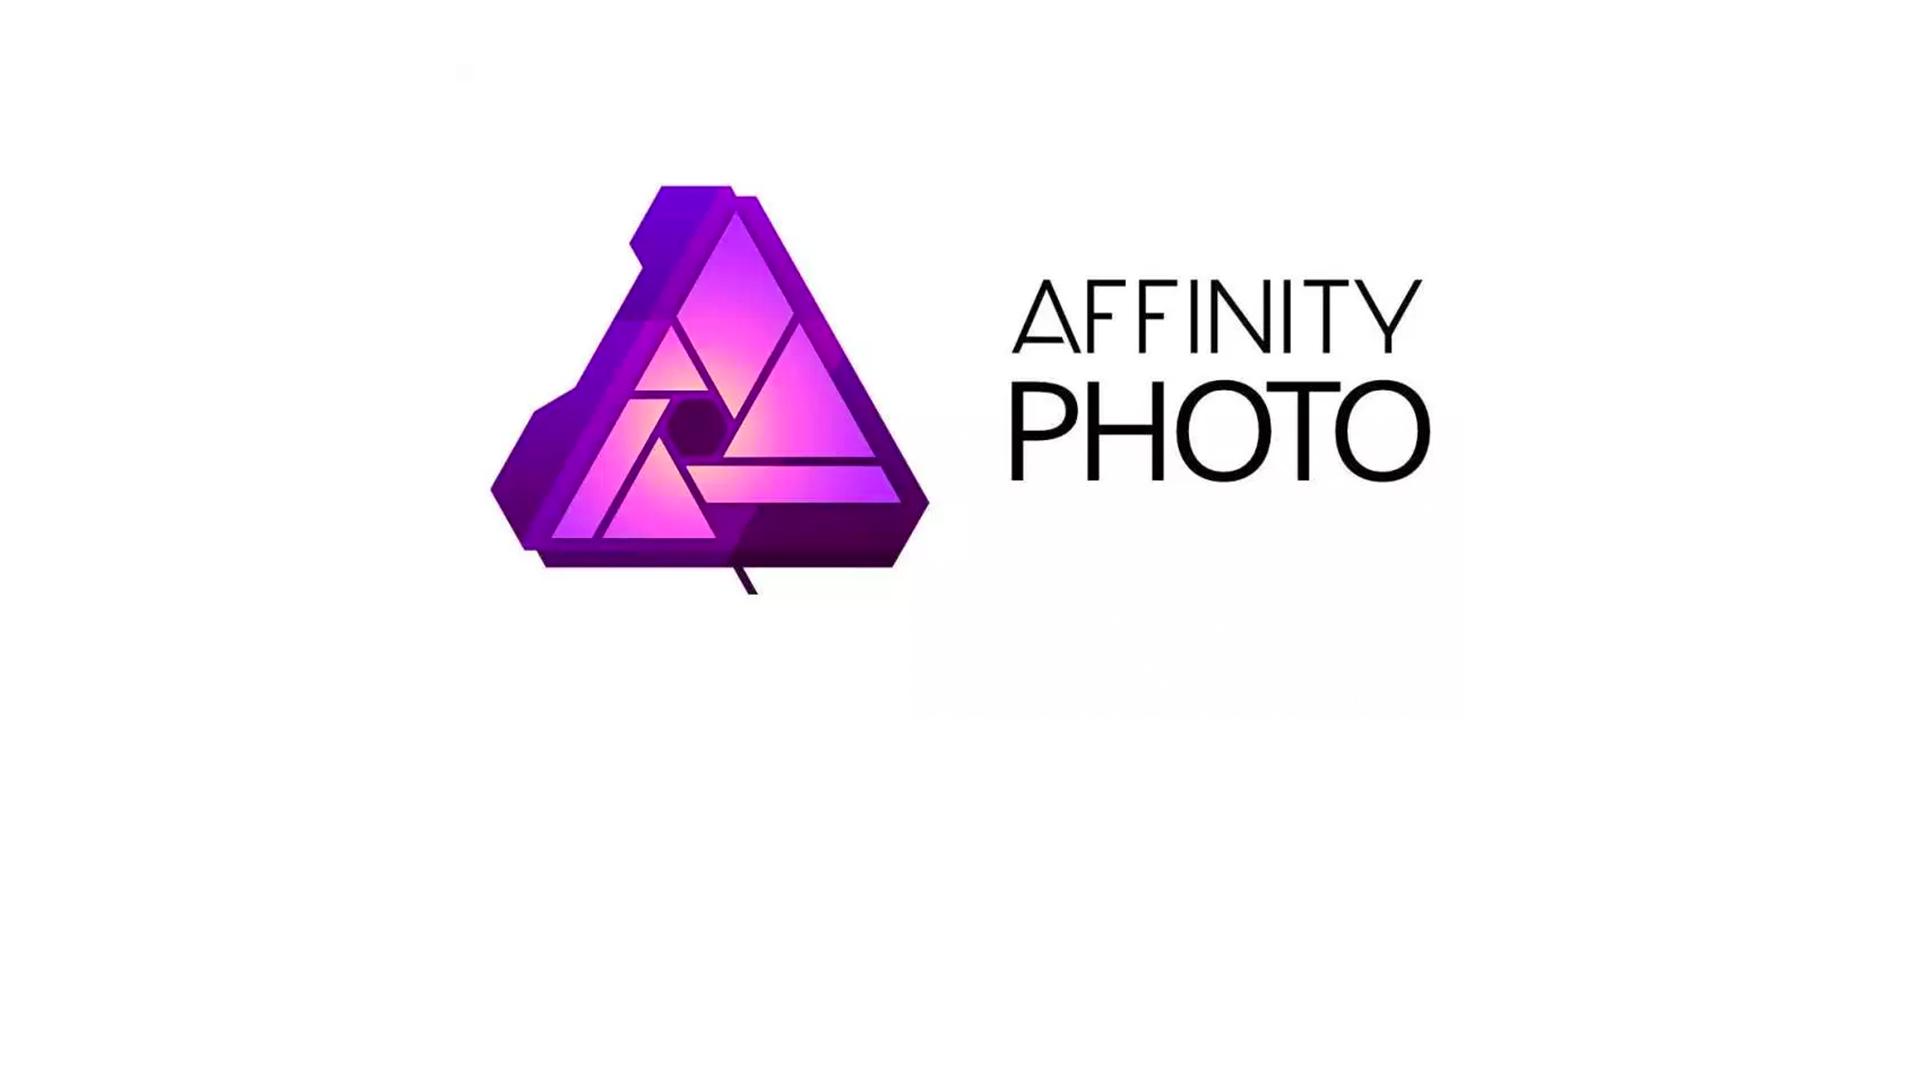 Snel op weg met Affinity Photo